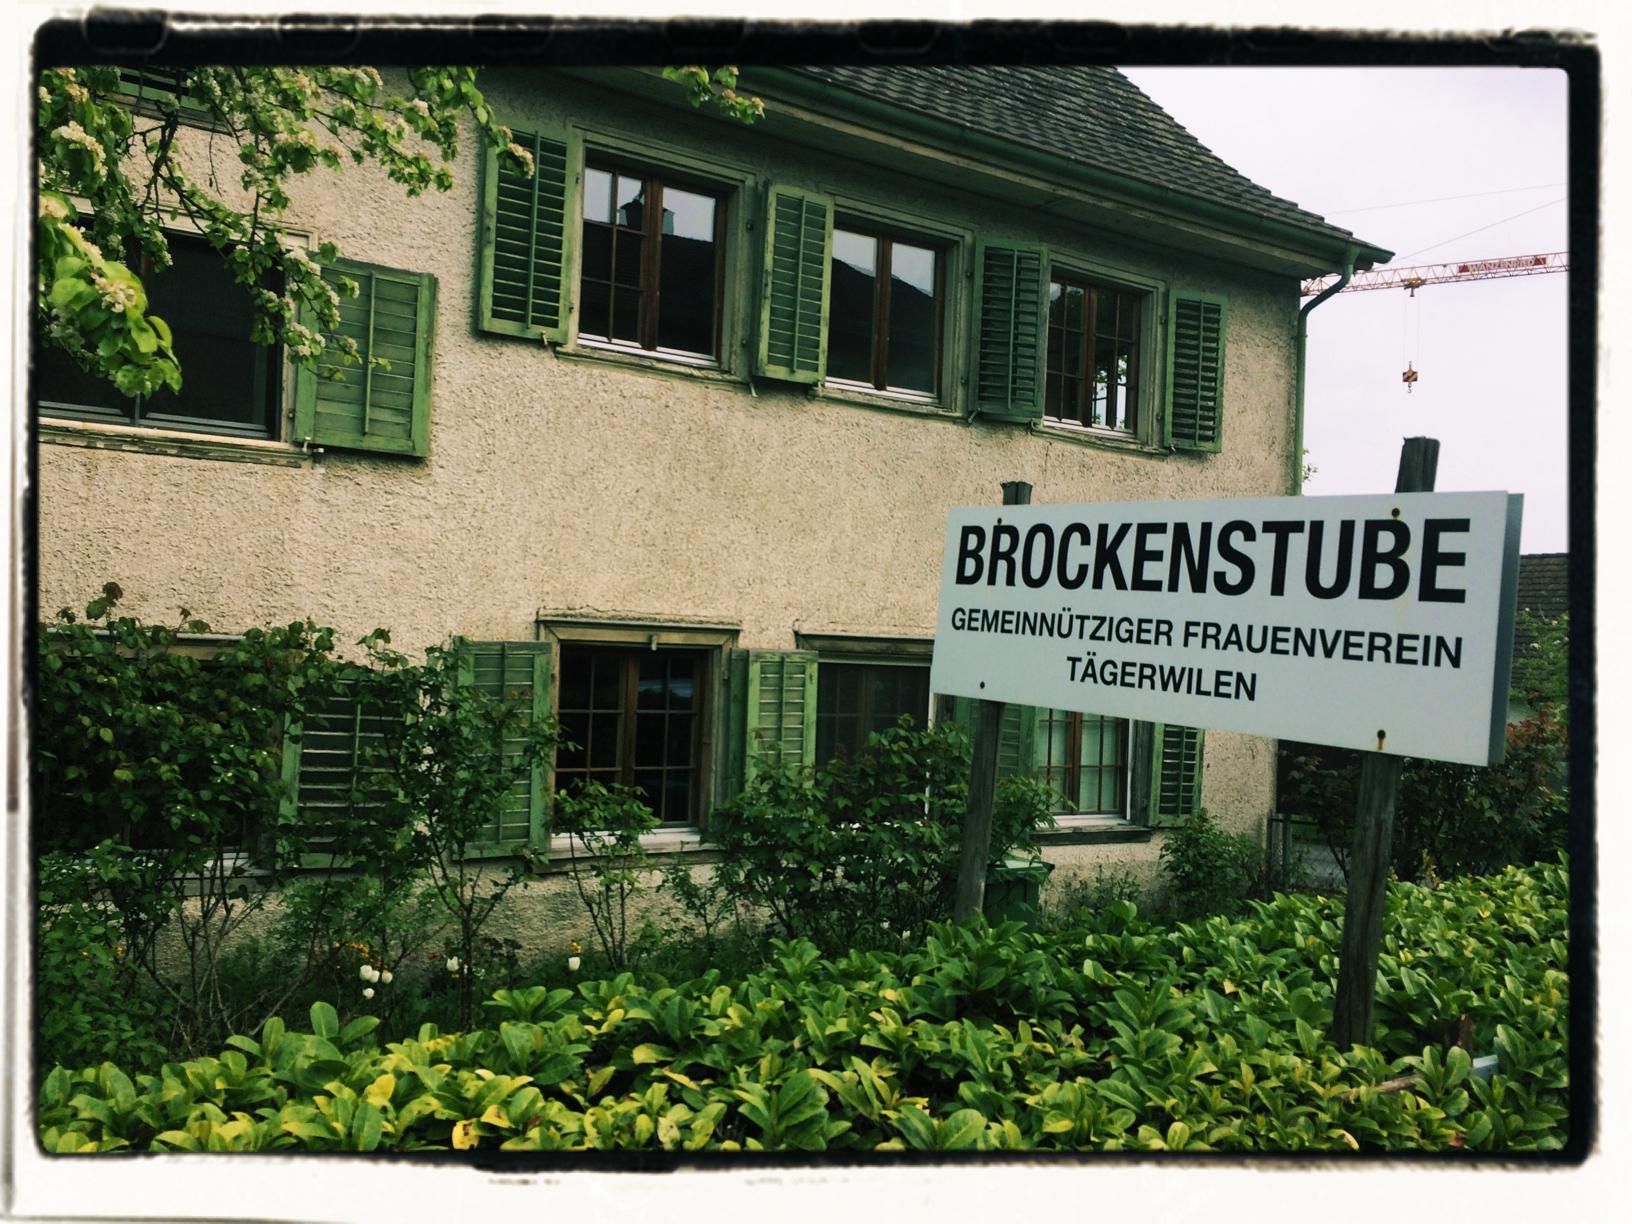 Brocki_Frauenverein_Tägerwielen_01